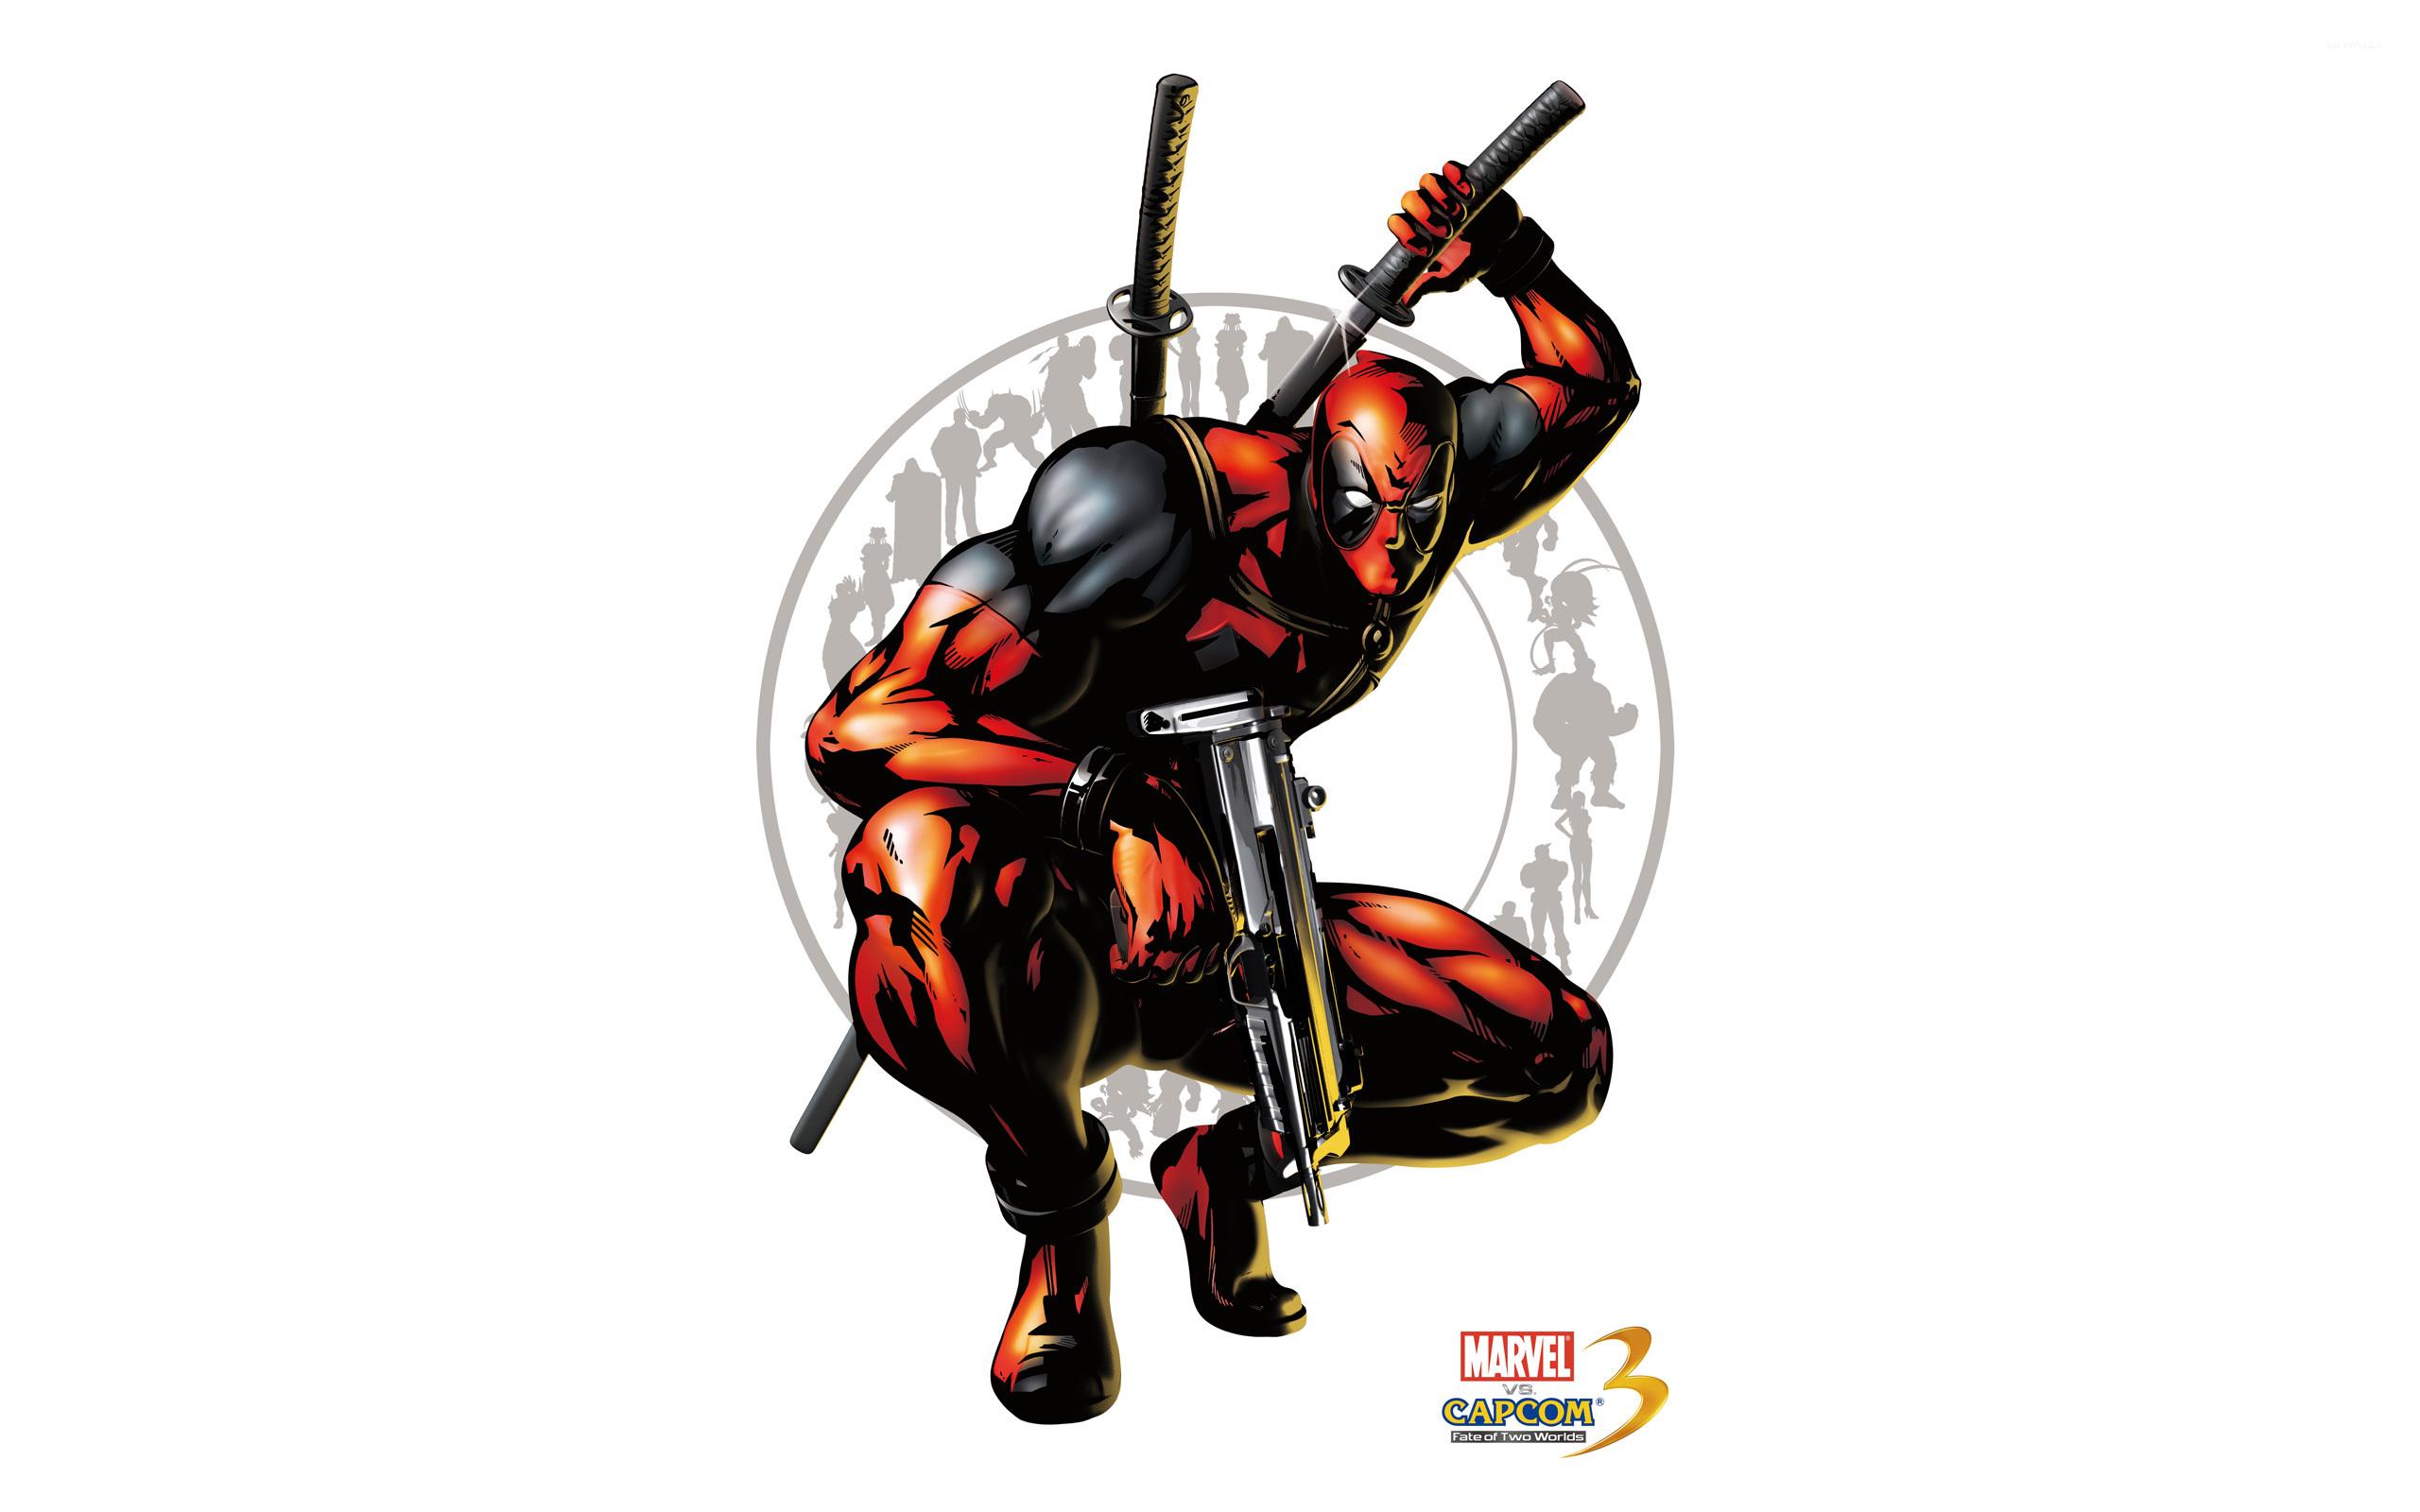 Marvel Vs Capcom 3 Deadpool Wallpaper Game Wallpapers 7201